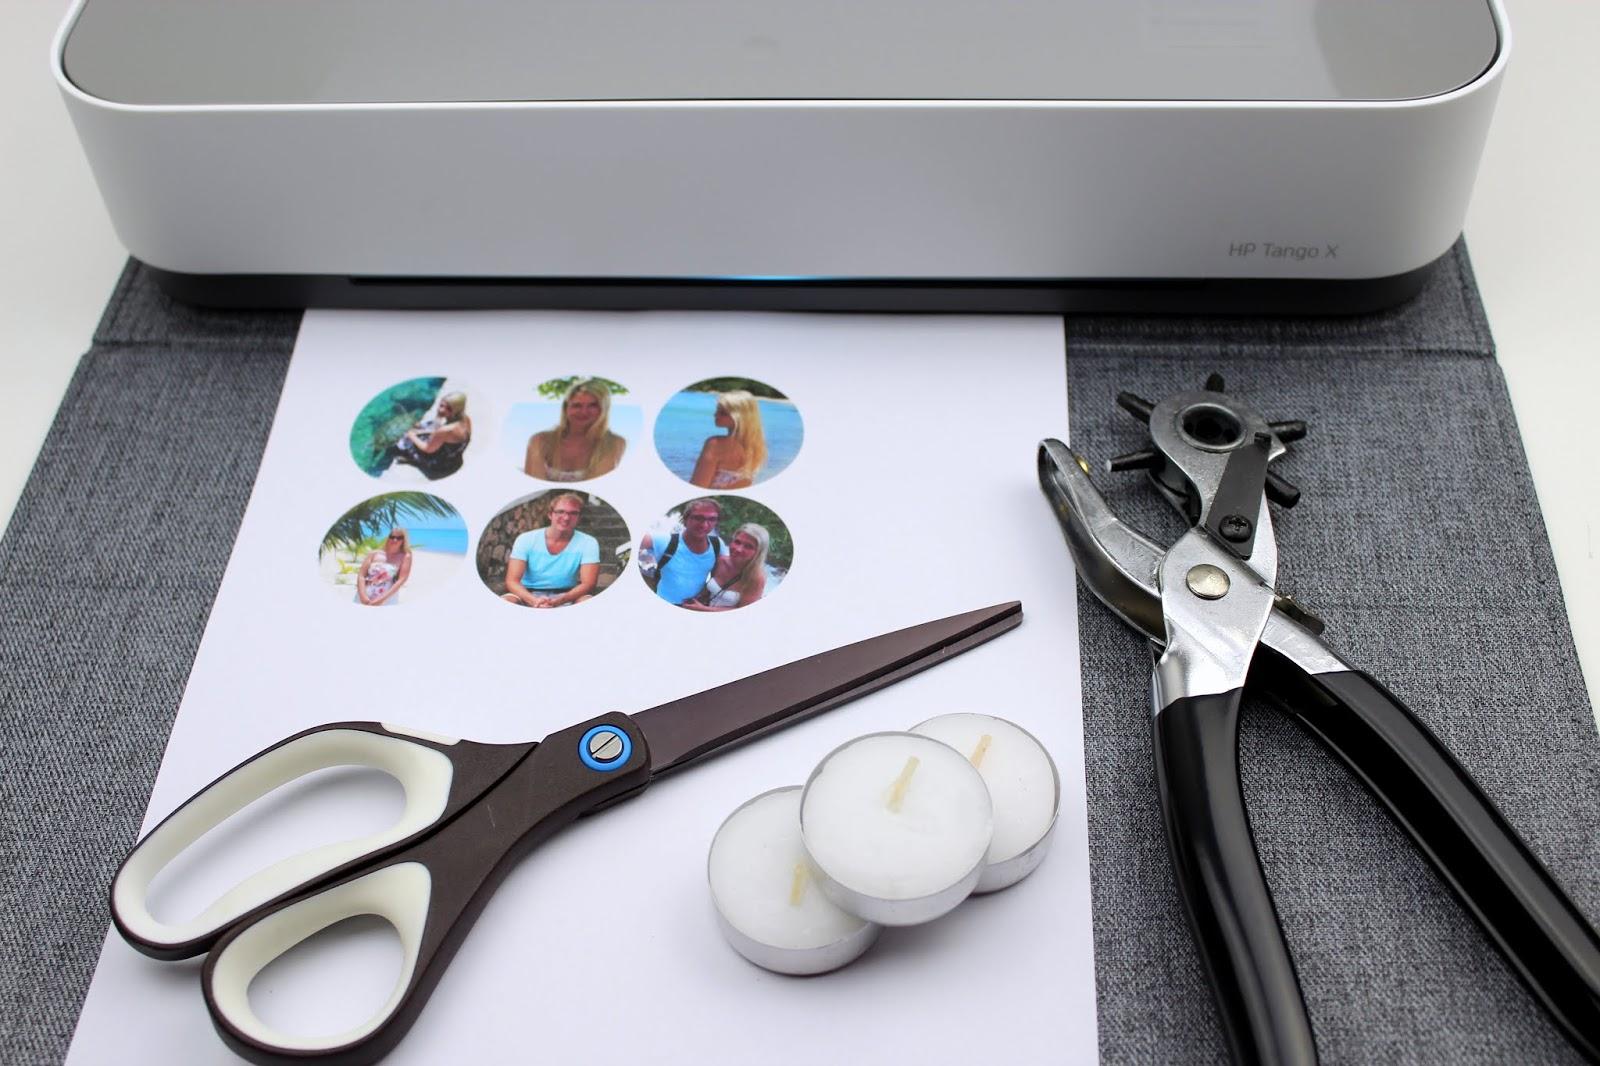 Teelichter mit versteckten Fotos - DIY: 5 wundervolle Fotogeschenke ganz schnell und einfach selber gemacht mit dem HP Tango X